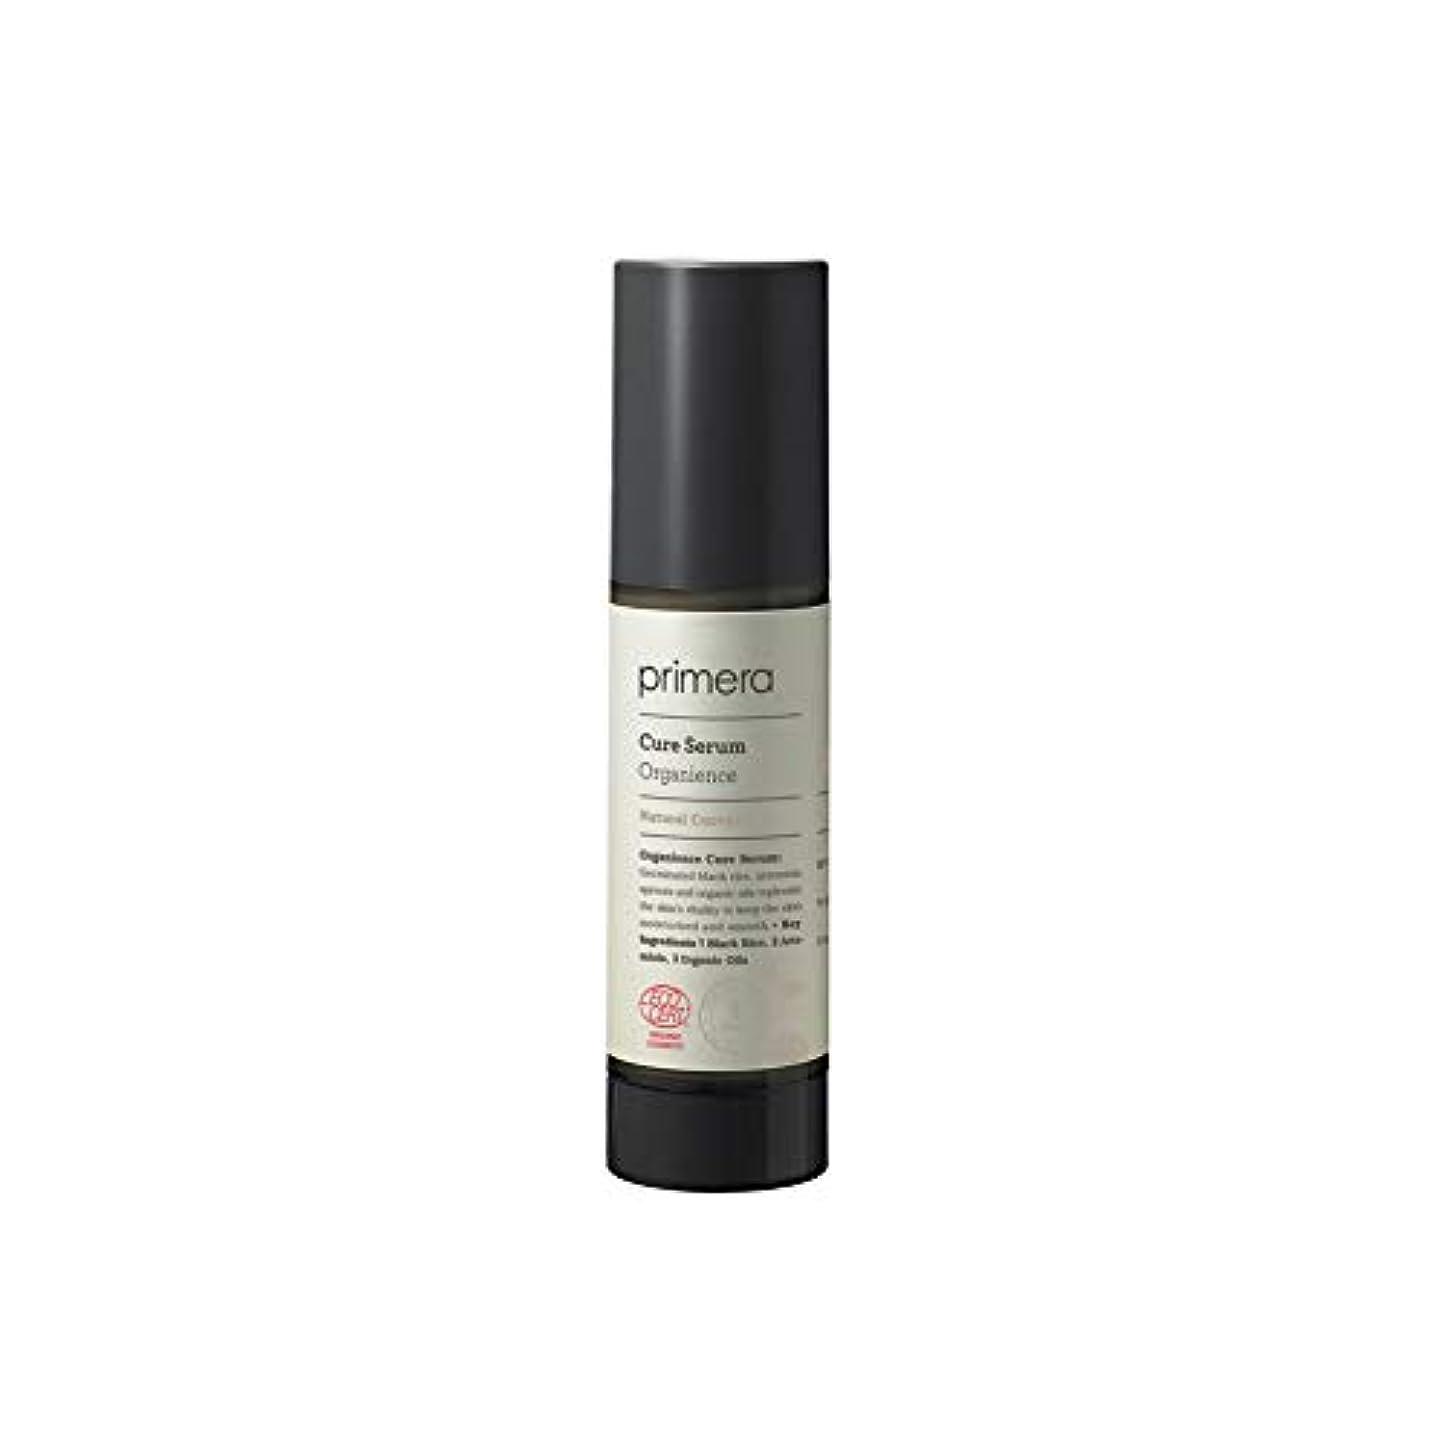 フォアタイプ準備するモナリザ【primera公式】プリメラ オーガニアンス クリーム 50ml/primera Organience Cream 50ml